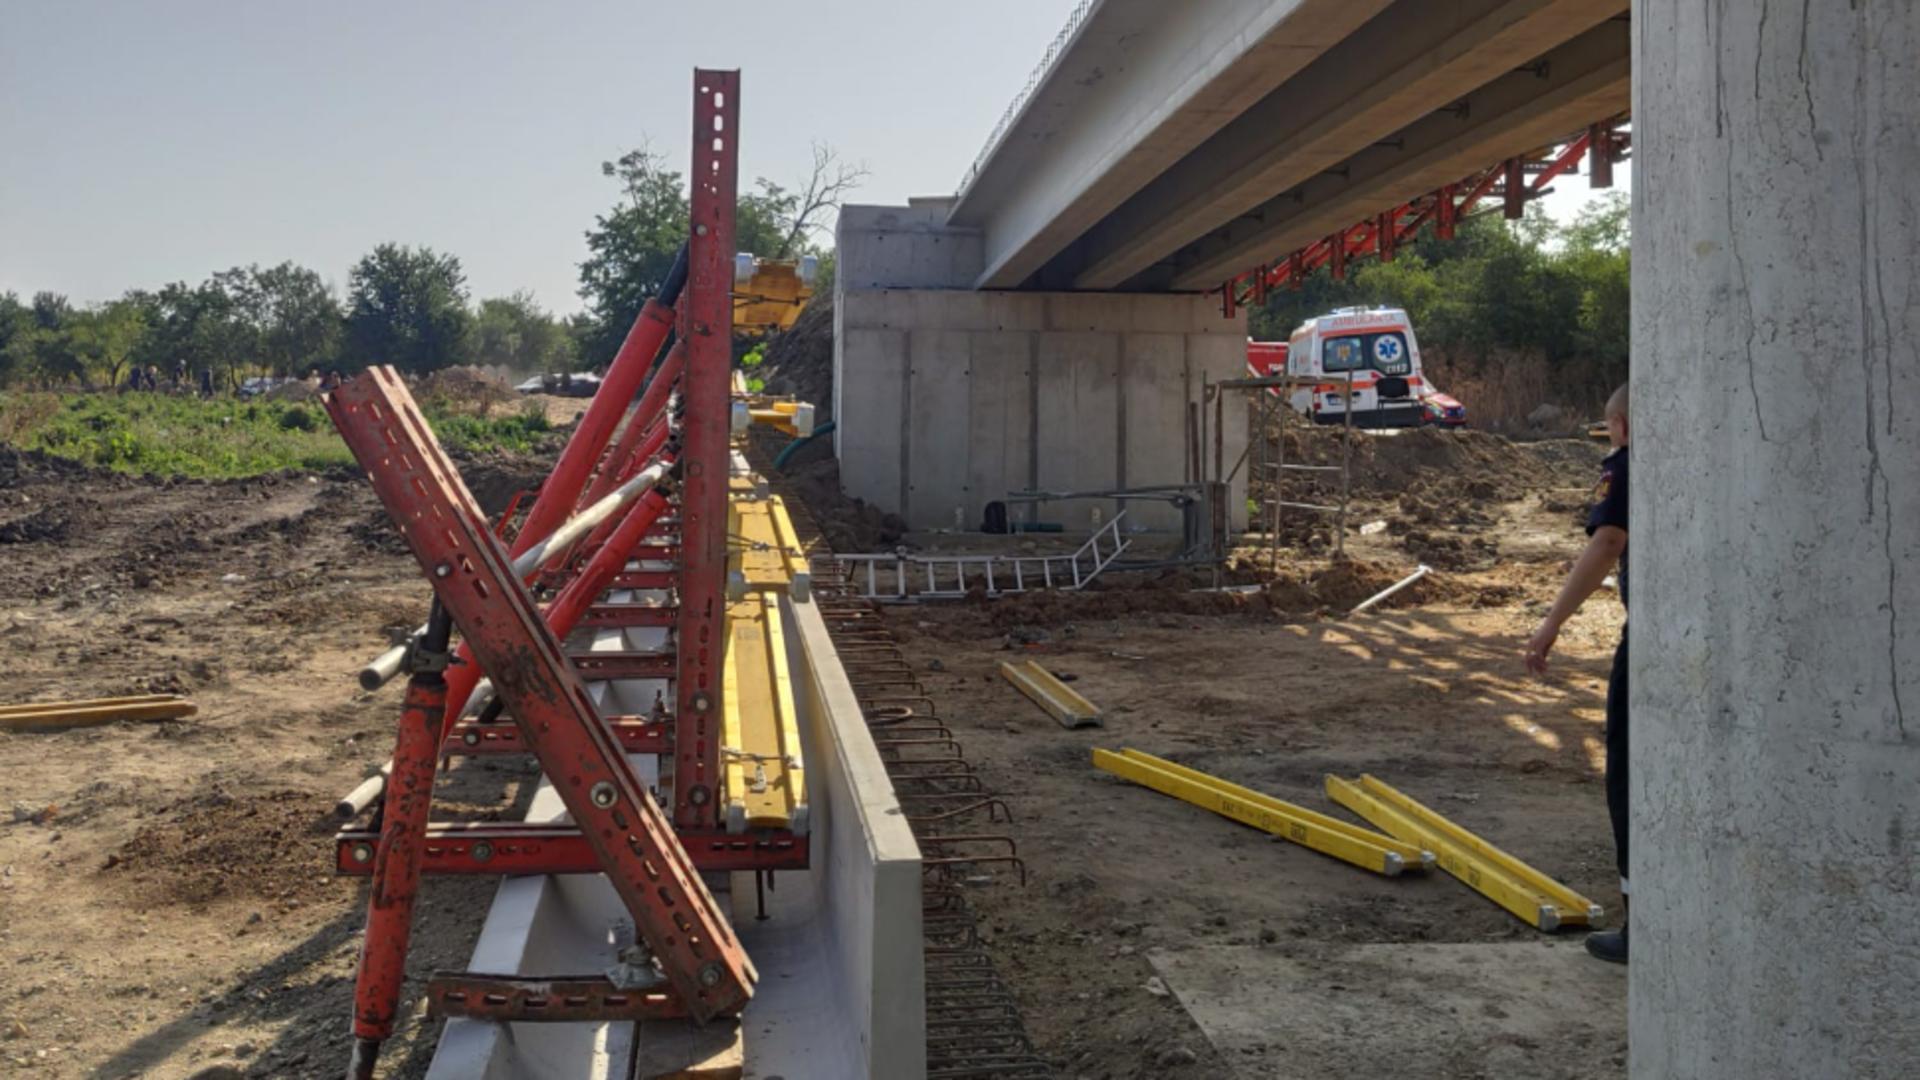 Pod prăbușit peste muncitori, în județul Teleorman